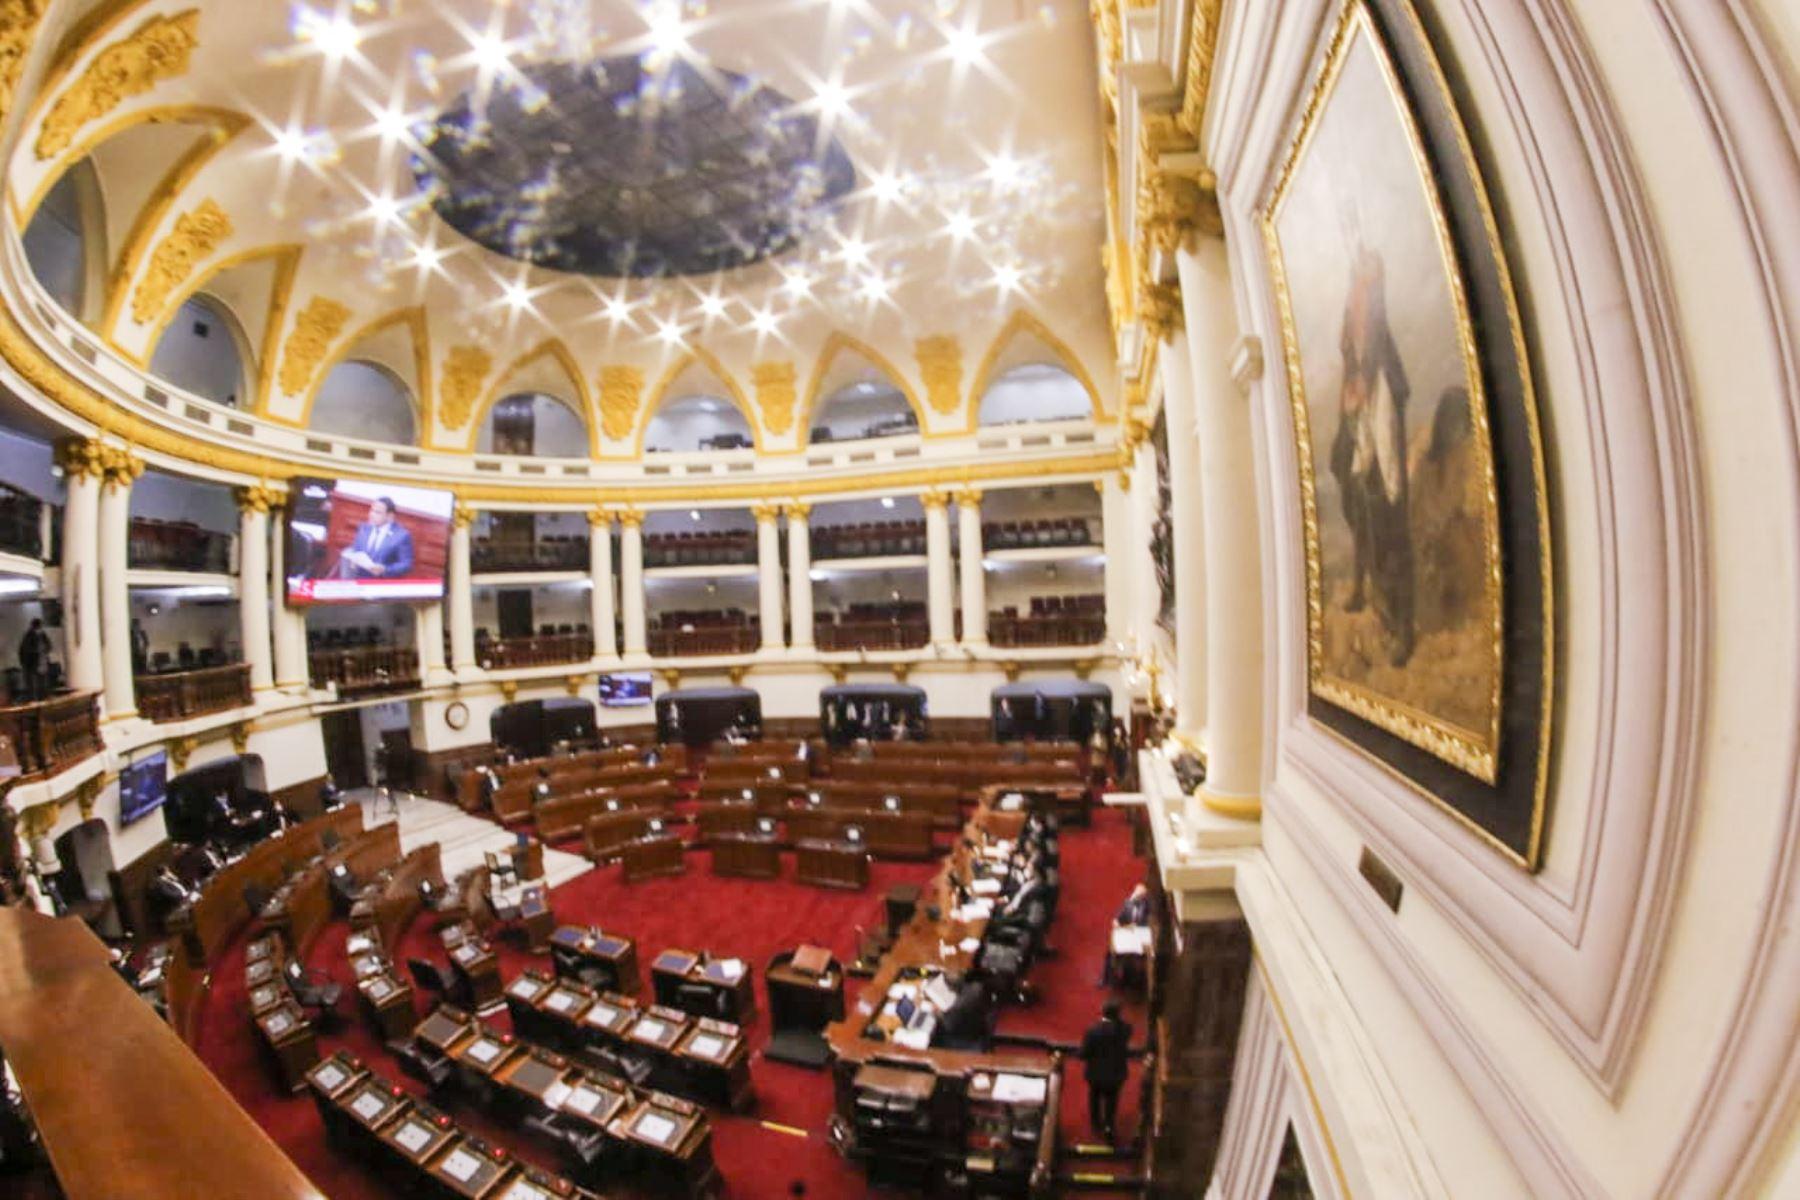 Inicia sesión de interpelación al ministro de educación, Martín Benavides, en el Congreso. Foto: Congreso de la República